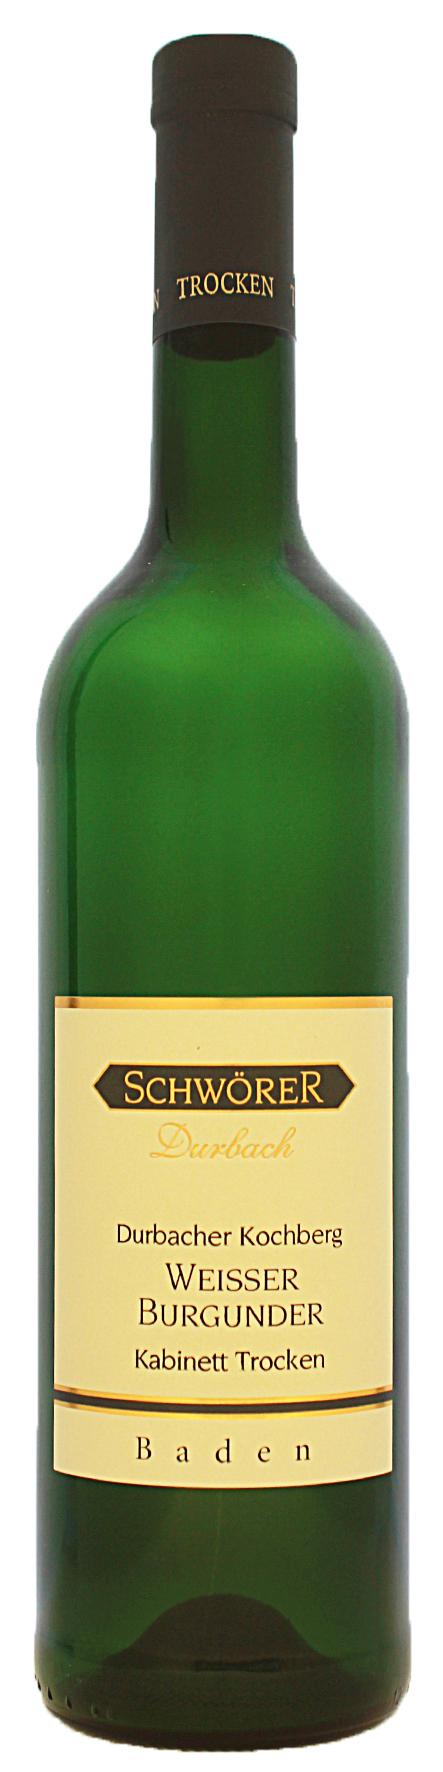 Durbacher Kochberg Weißer Burgunder Kabinett trocken Weingut Schwörer Durbach 2020